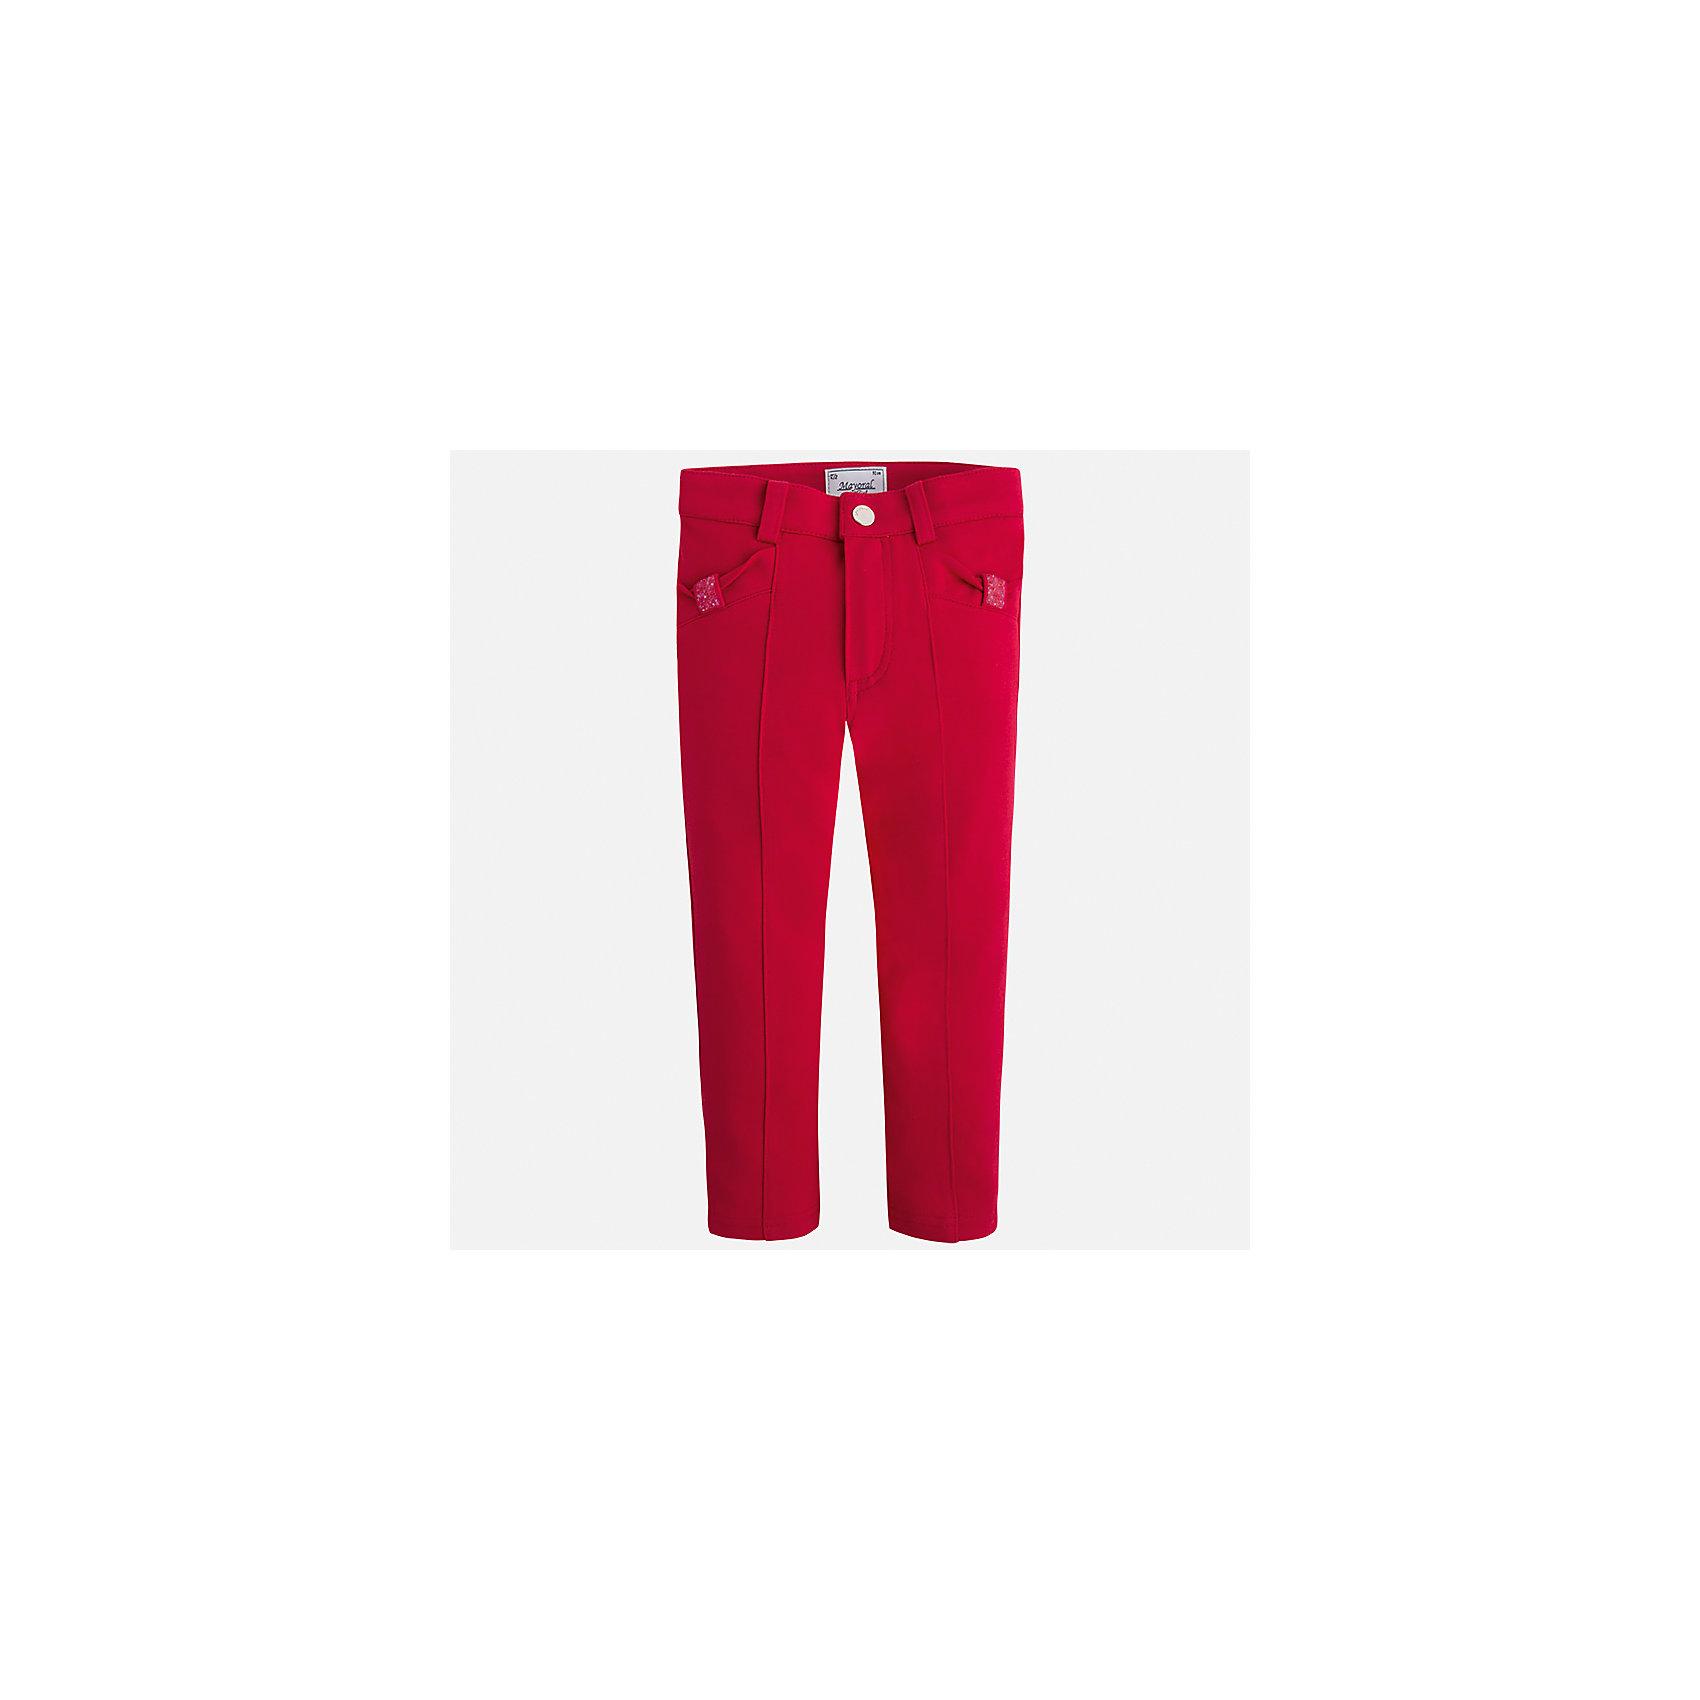 Леггинсы для девочки MayoralЛеггинсы<br>Характеристики товара:<br><br>• цвет: красный<br>• состав: 65% вискоза, 30% полиамид, 5% эластан<br>• шлевки<br>• эластичный материал<br>• стрелки<br>• декоративная отделка карманов<br>• страна бренда: Испания<br><br>Модные брюки для девочки смогут разнообразить гардероб ребенка и украсить наряд. Они отлично сочетаются с майками, футболками, блузками. Красивый оттенок позволяет подобрать к вещи верх разных расцветок. В составе материала - натуральный хлопок, гипоаллергенный, приятный на ощупь, дышащий. Леггинсы отлично сидят и не стесняют движения.<br><br>Одежда, обувь и аксессуары от испанского бренда Mayoral полюбились детям и взрослым по всему миру. Модели этой марки - стильные и удобные. Для их производства используются только безопасные, качественные материалы и фурнитура. Порадуйте ребенка модными и красивыми вещами от Mayoral! <br><br>Брюки для девочки от испанского бренда Mayoral (Майорал) можно купить в нашем интернет-магазине.<br><br>Ширина мм: 123<br>Глубина мм: 10<br>Высота мм: 149<br>Вес г: 209<br>Цвет: красный<br>Возраст от месяцев: 18<br>Возраст до месяцев: 24<br>Пол: Женский<br>Возраст: Детский<br>Размер: 122,128,134,92,98,104,110,116<br>SKU: 5290532